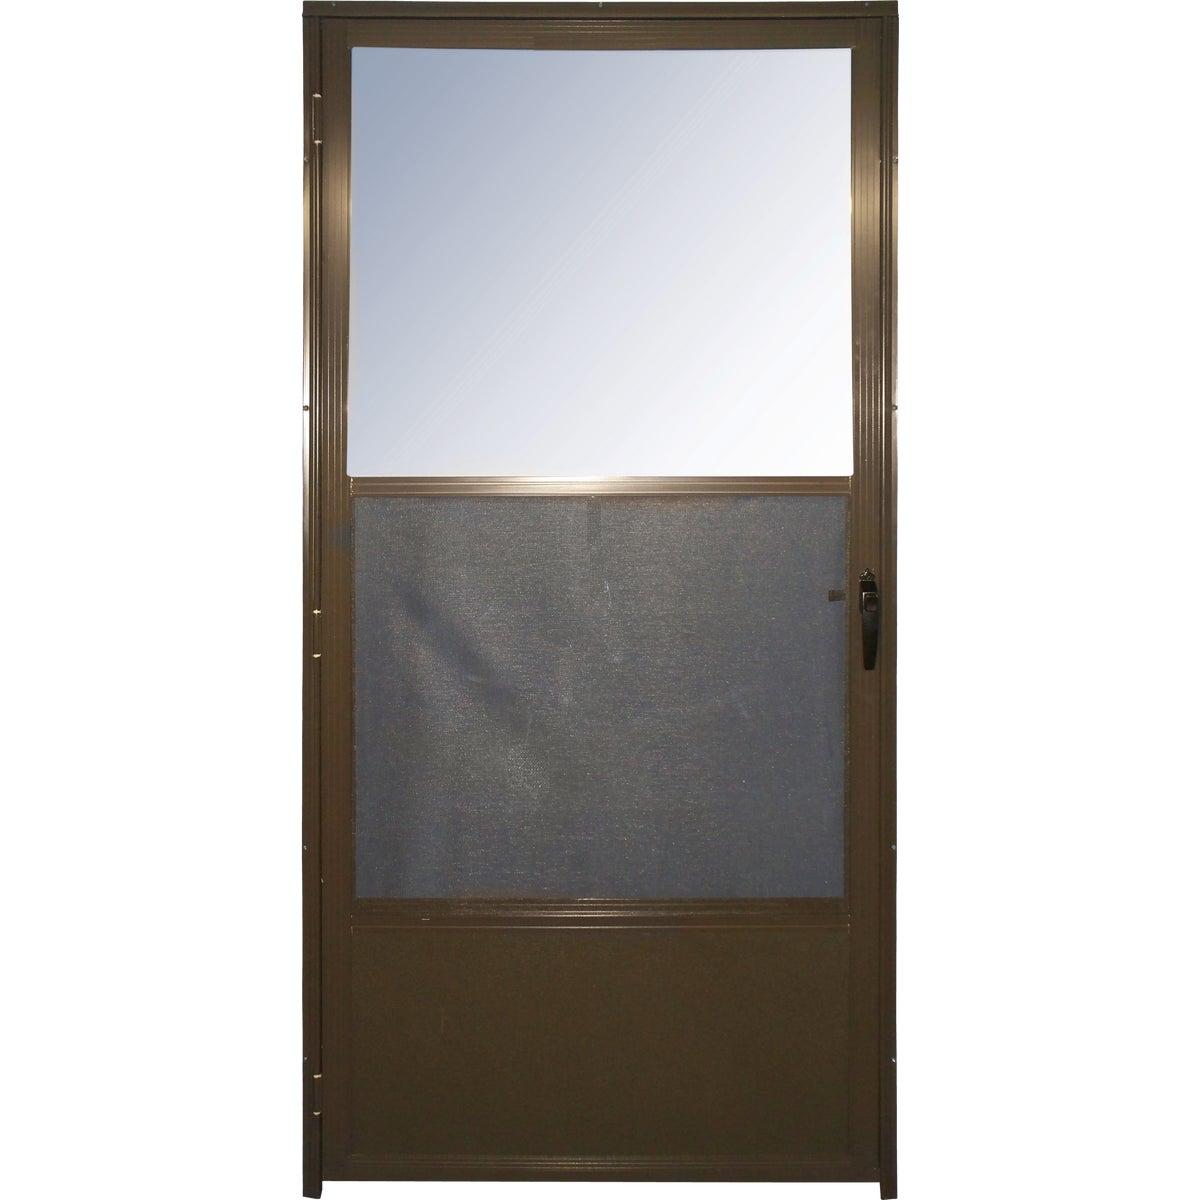 163 2868 LH BRZ DOOR